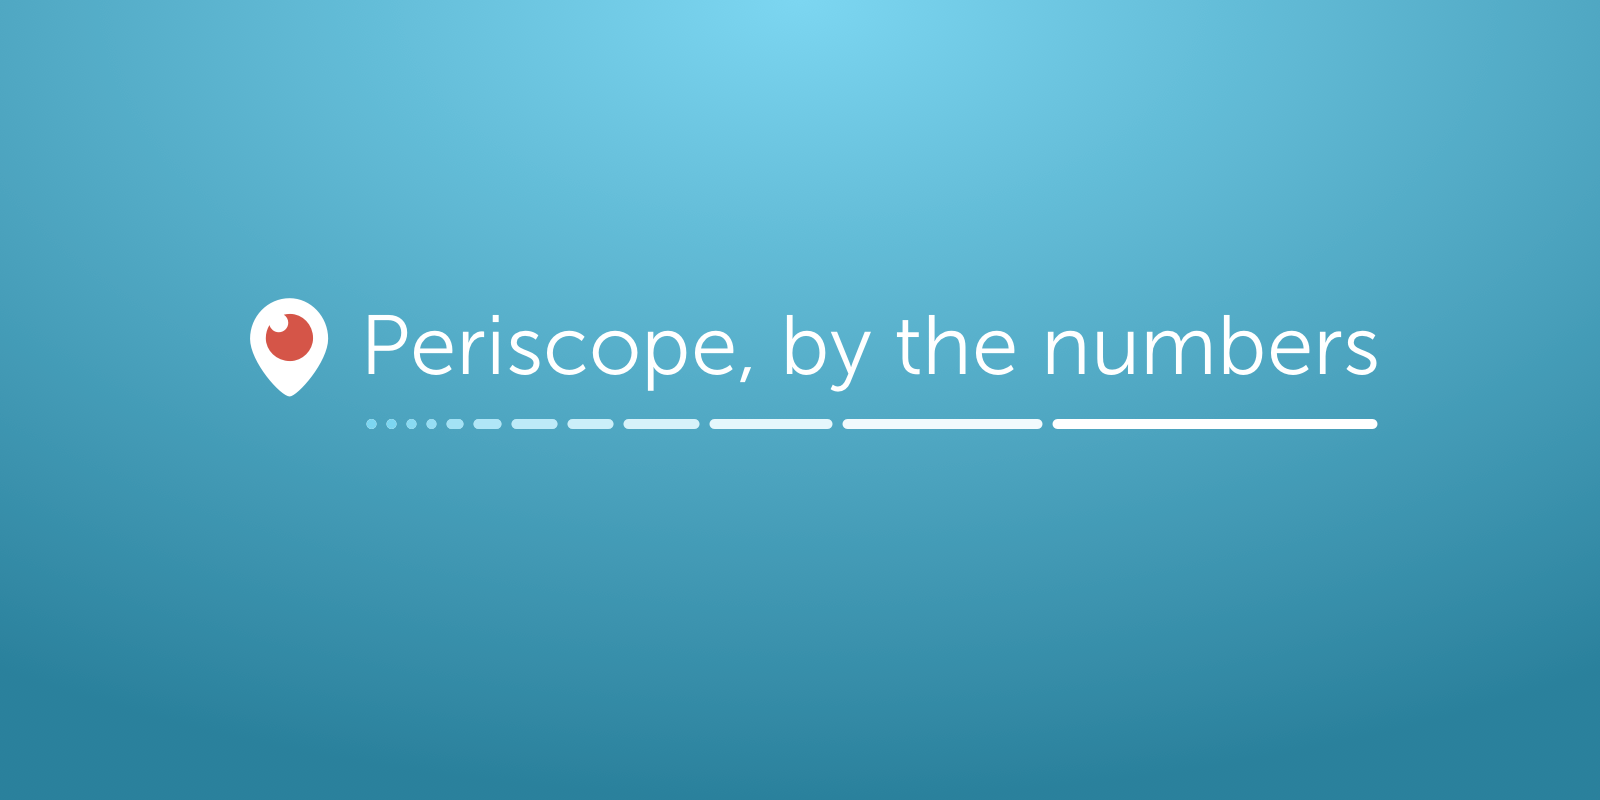 Nie, 10 milionów Periscope'a to nie jest dobry wynik. Wręcz przeciwnie